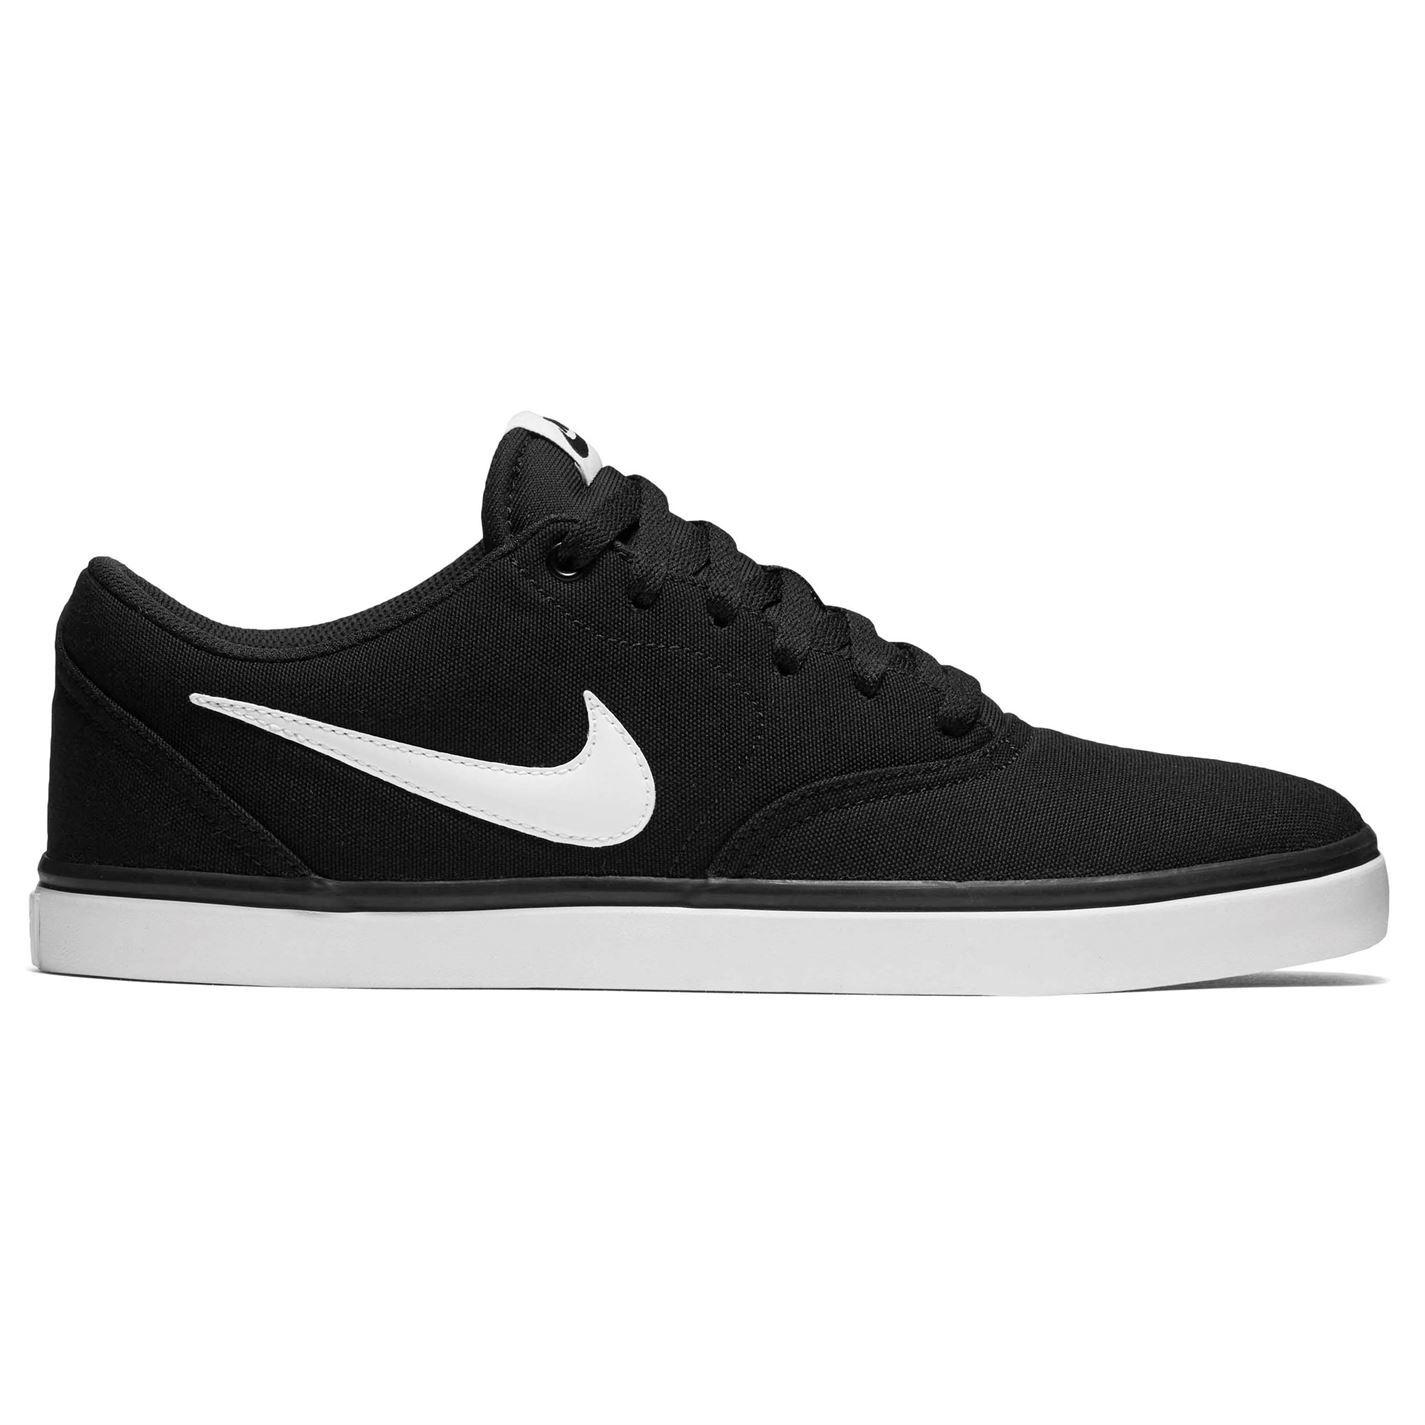 sports shoes fantastic savings casual shoes Détails sur Nike Sb Toile Carreaux Skate Homme Chaussures Skateboard  Chaussures Baskets